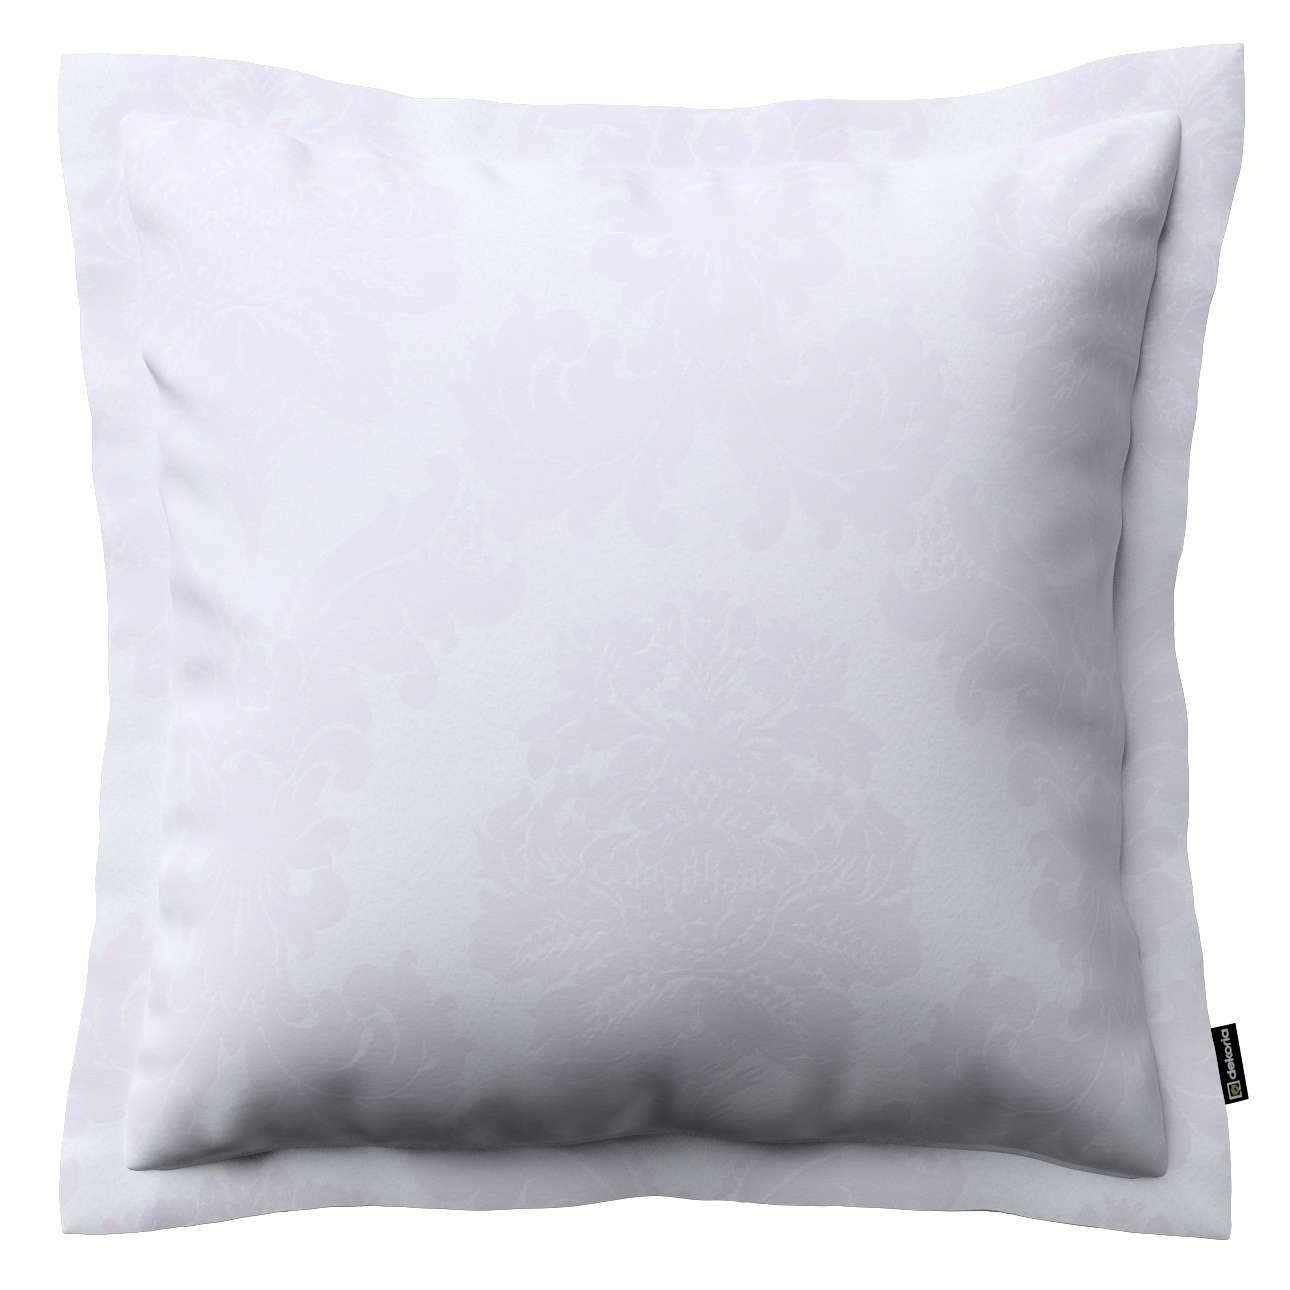 Poszewka Mona na poduszkę 45x45 cm w kolekcji Damasco, tkanina: 613-00